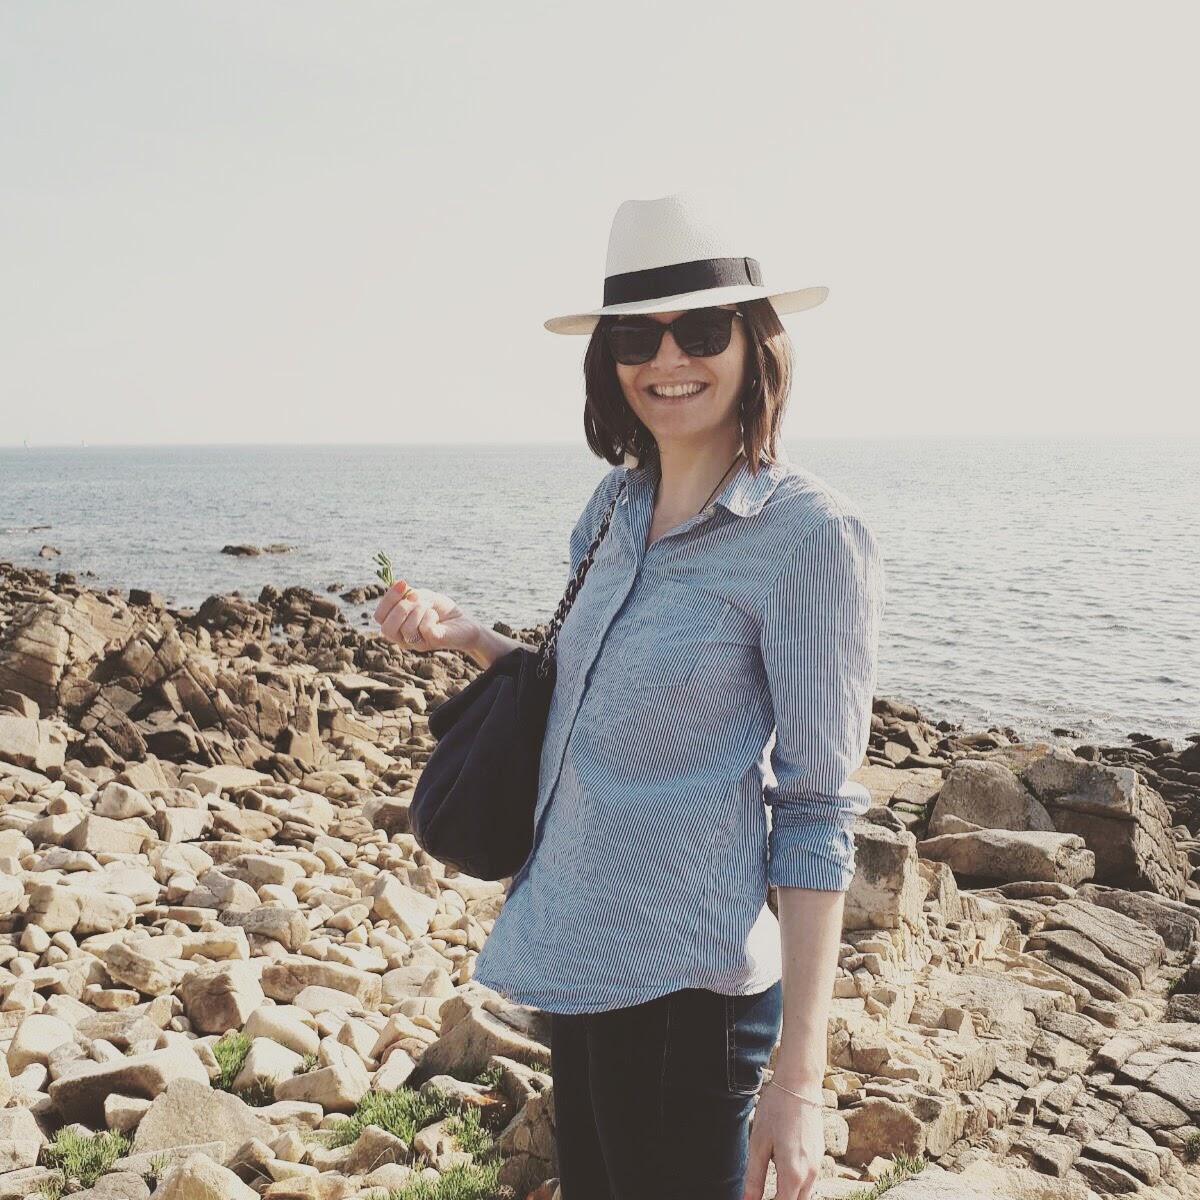 la trinite sur mer senior dating site Consultez ses avis et découvrez avant de partir tout sur le camping de la plage à la trinité sur mer bonnes vacances en couple senior du 25/05/2017 au 28/05.